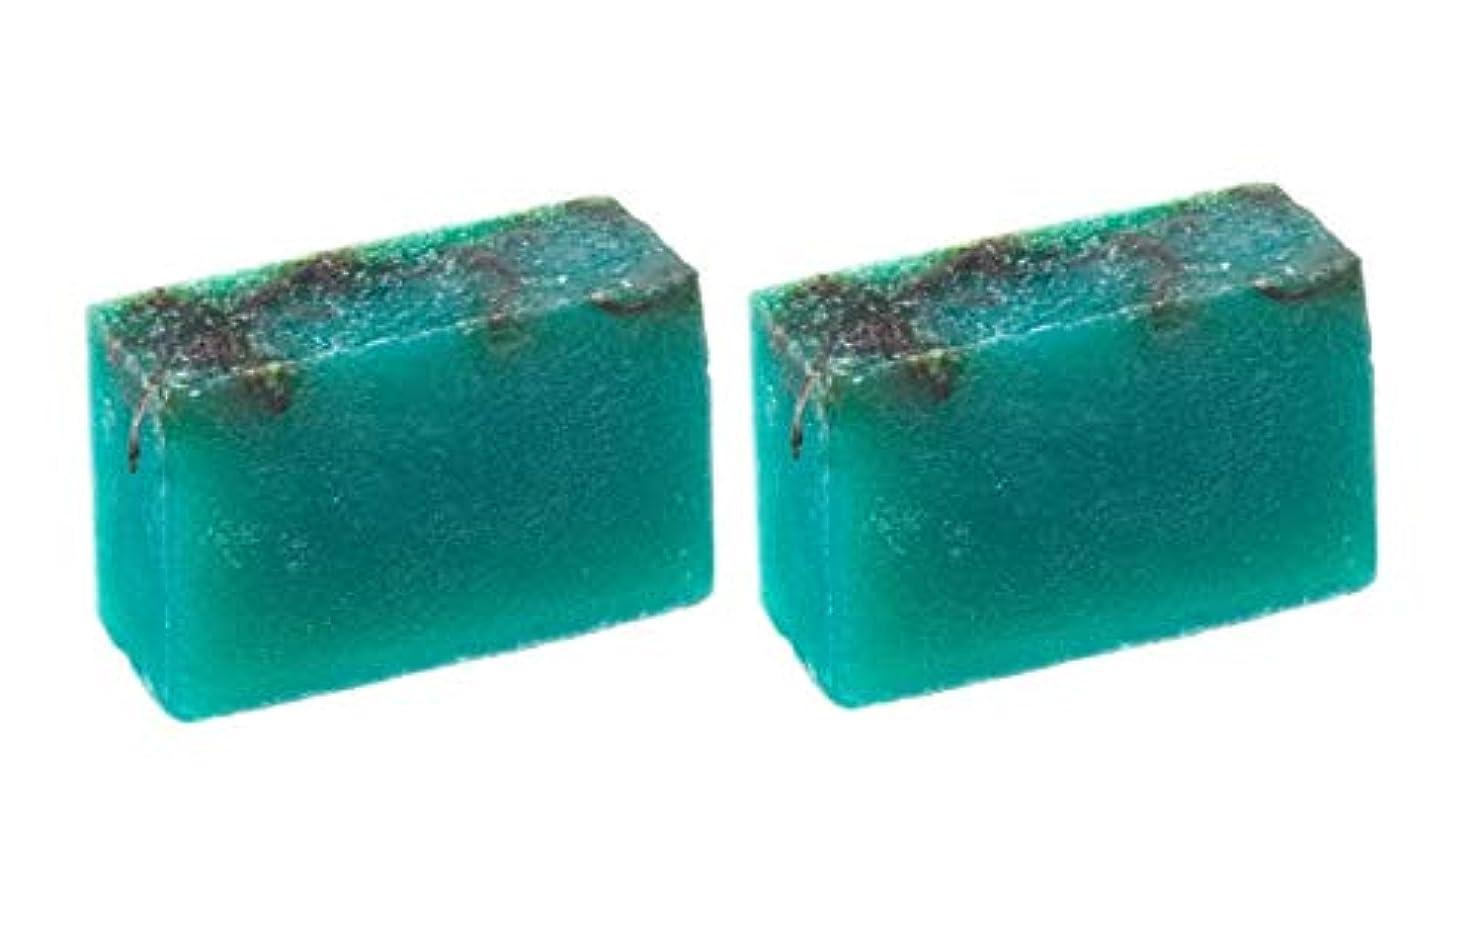 失礼防腐剤クリームLUSH ラッシュ シーベジタブル(100g)×2個セット フレッシュなライムの後にラベンダーの優しい香りソープ